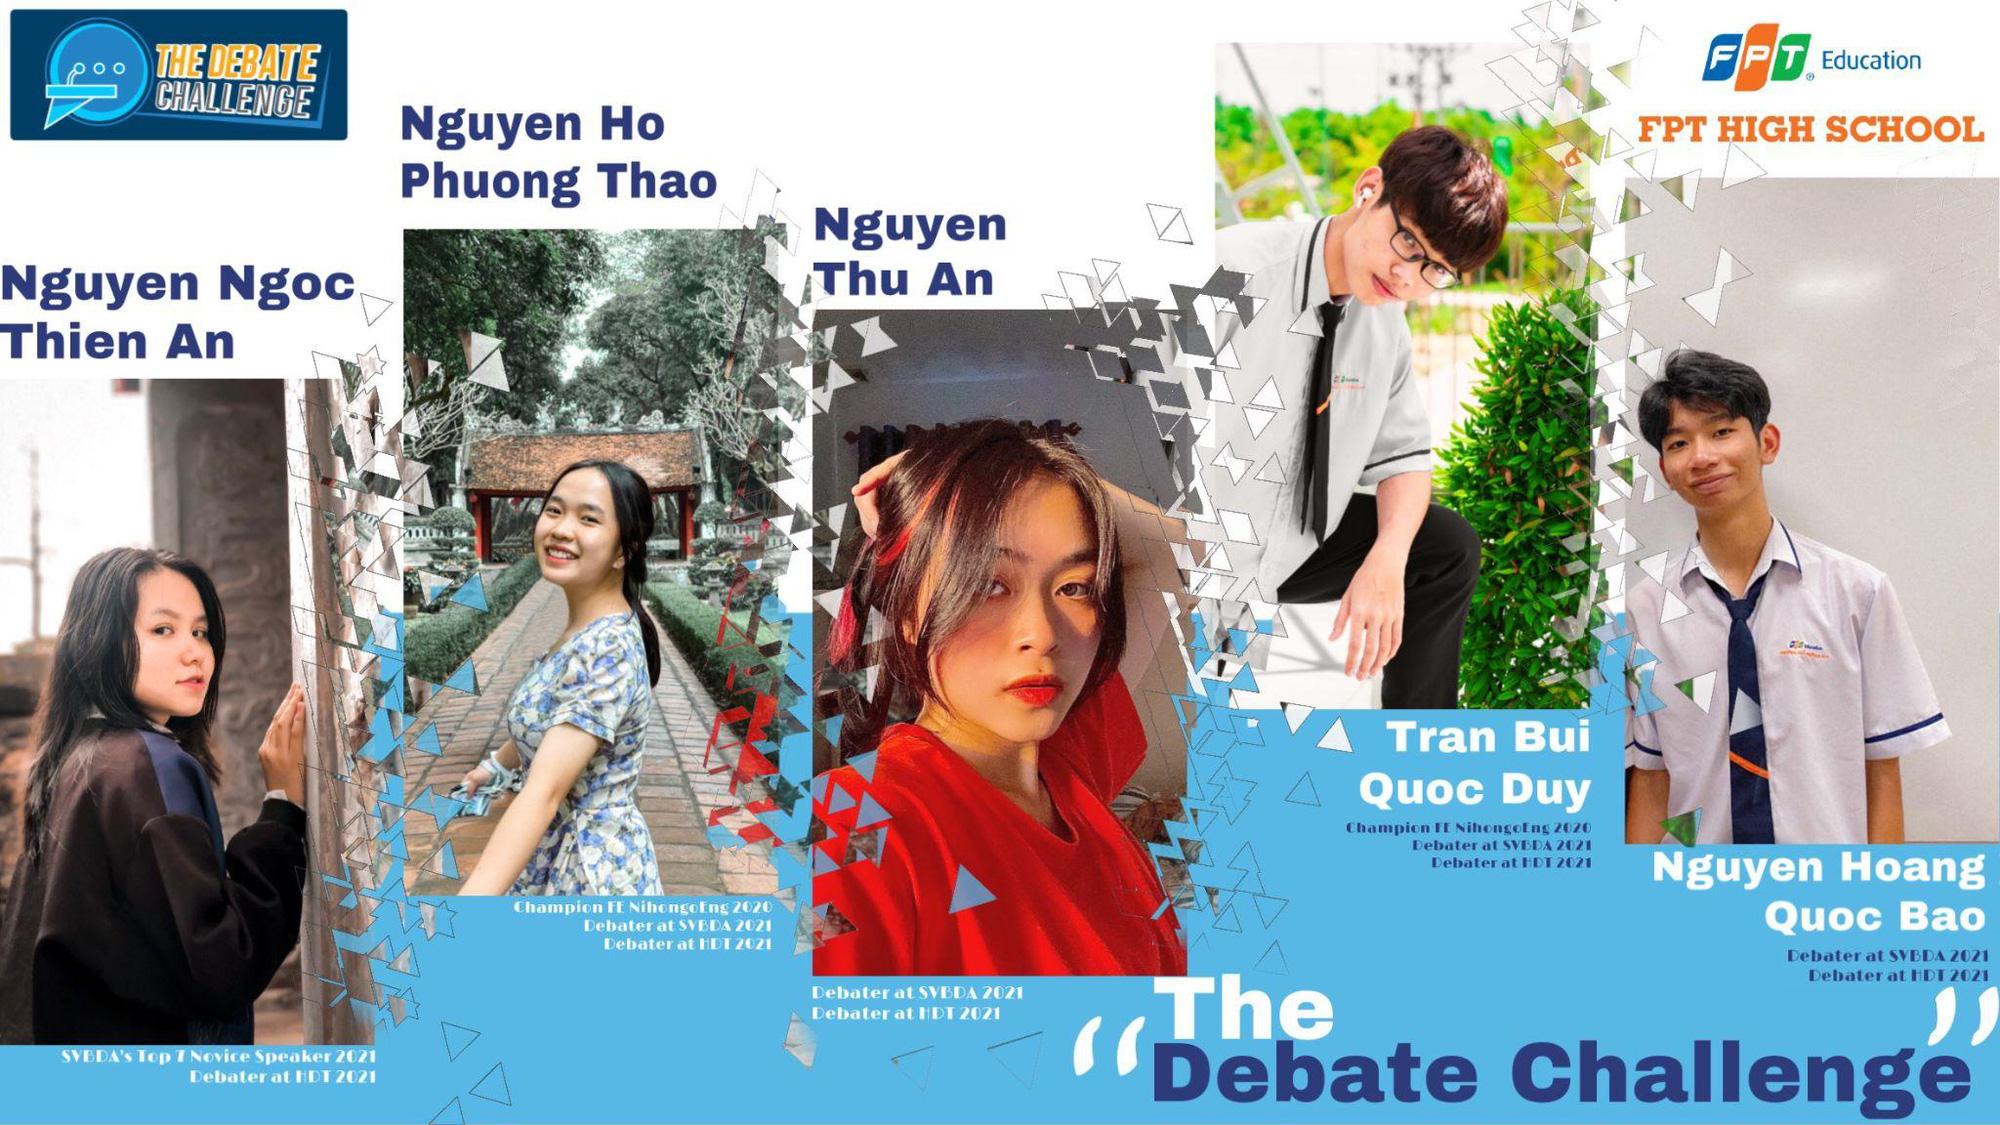 Gặp gỡ các đội thi vòng chung kết của The Debate Challenge 2021 - Ảnh 1.